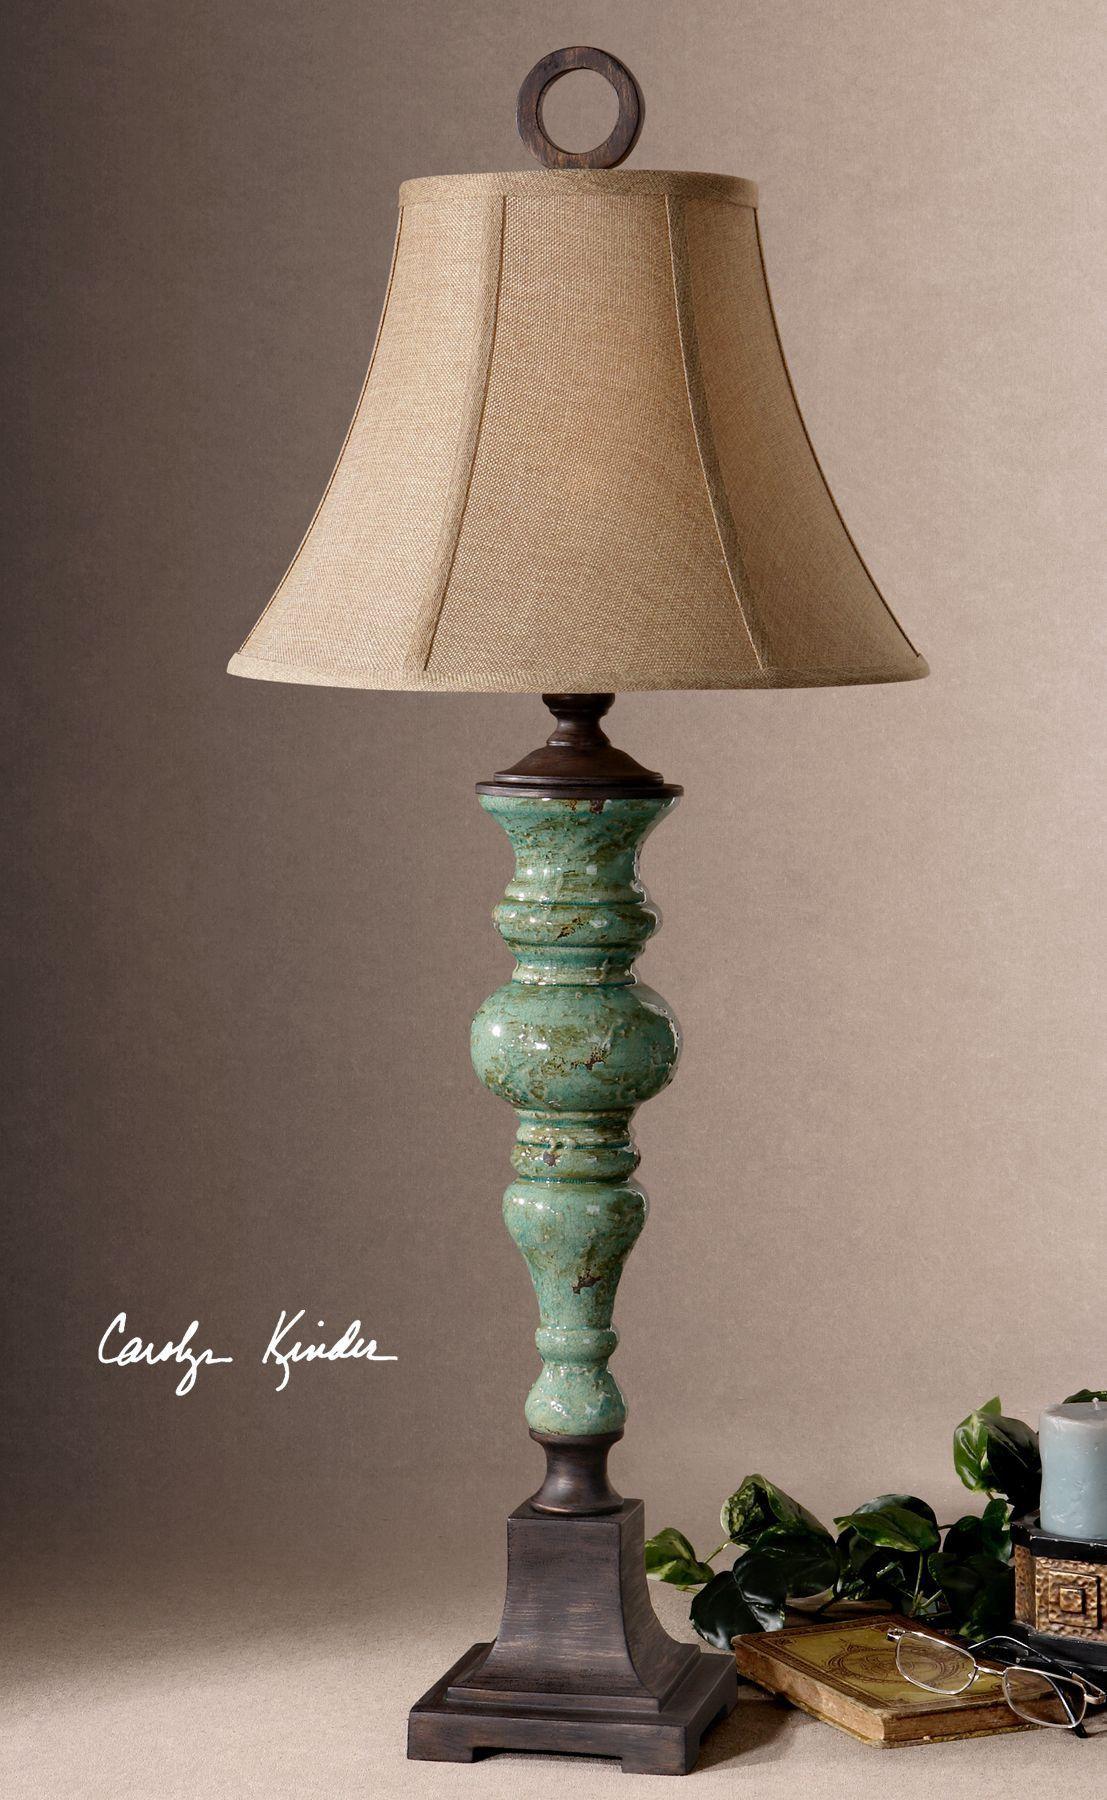 Unglaublich Moderne Tischlampen Dekoration Von Bettona Aqua Blue Table Lamp